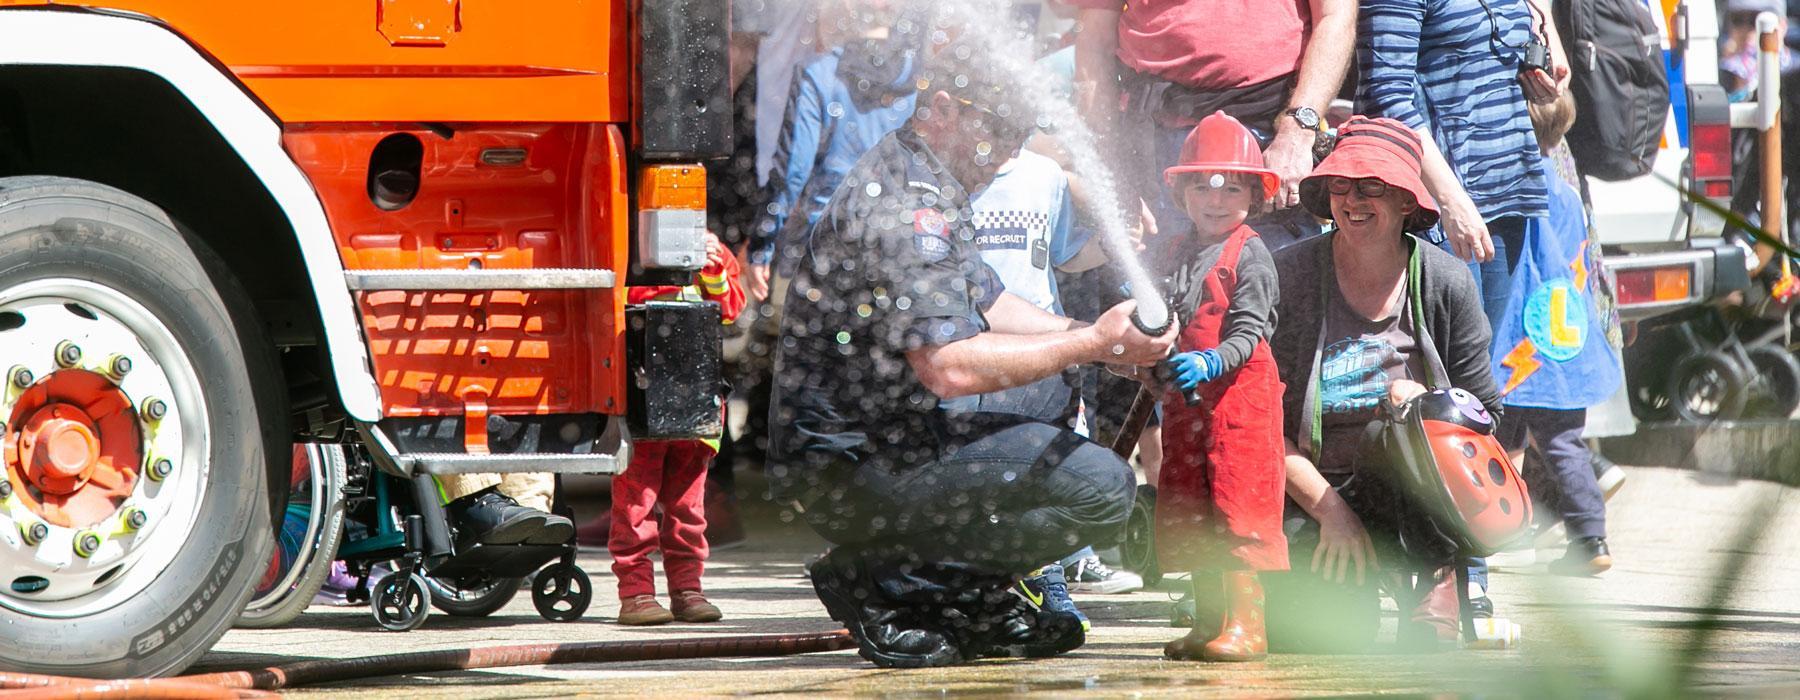 A little boy dressed as a fireman, holds the fire truck hose